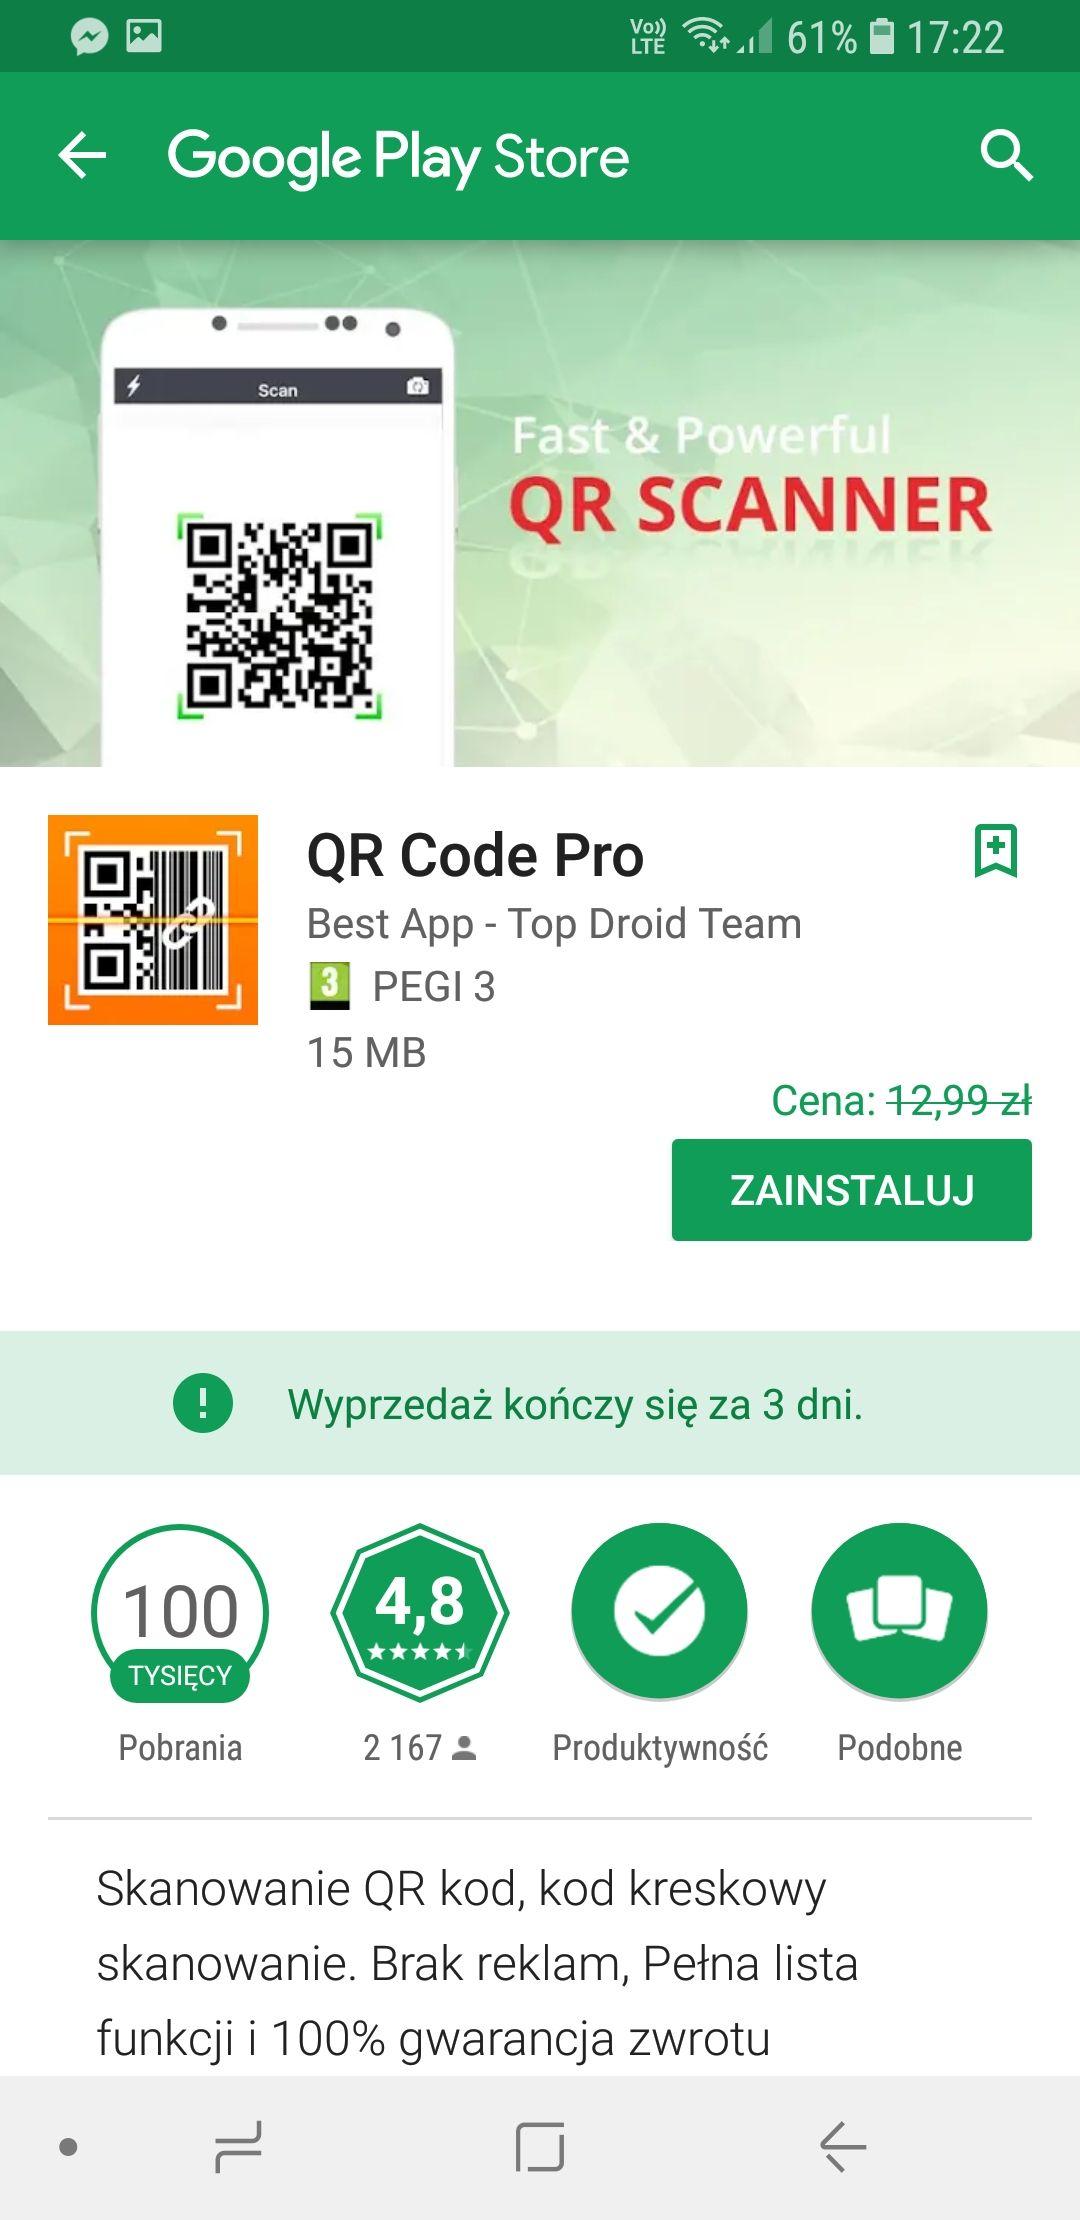 Skaner QR CODE PRO. google play